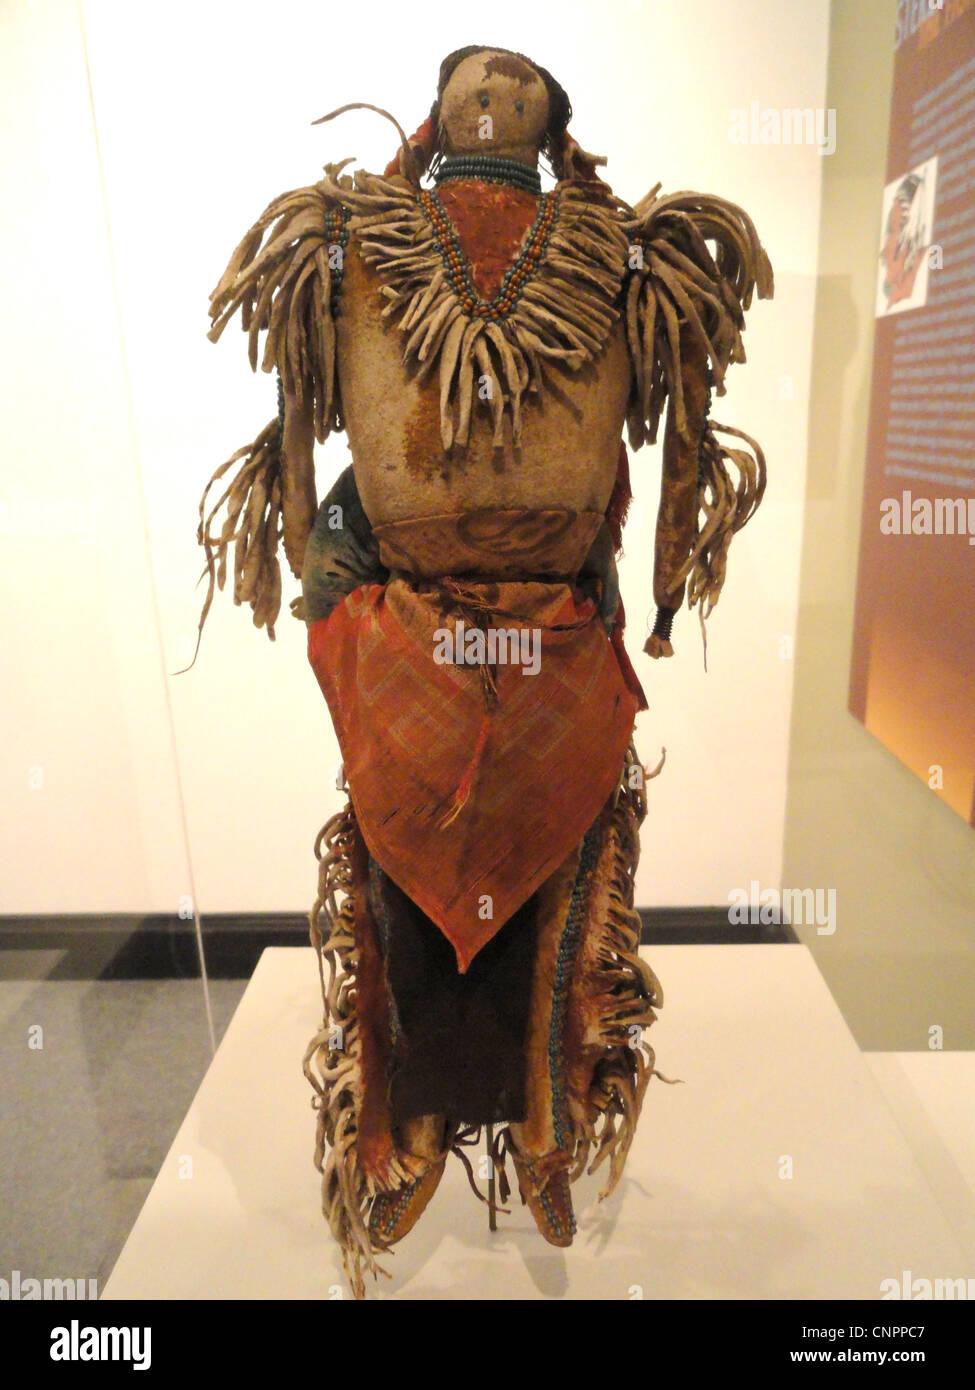 Krieger Puppe, mit Symbolen der Lakota - Indianer Sammlung - Religion Peabody Museum der Harvard University Stockbild